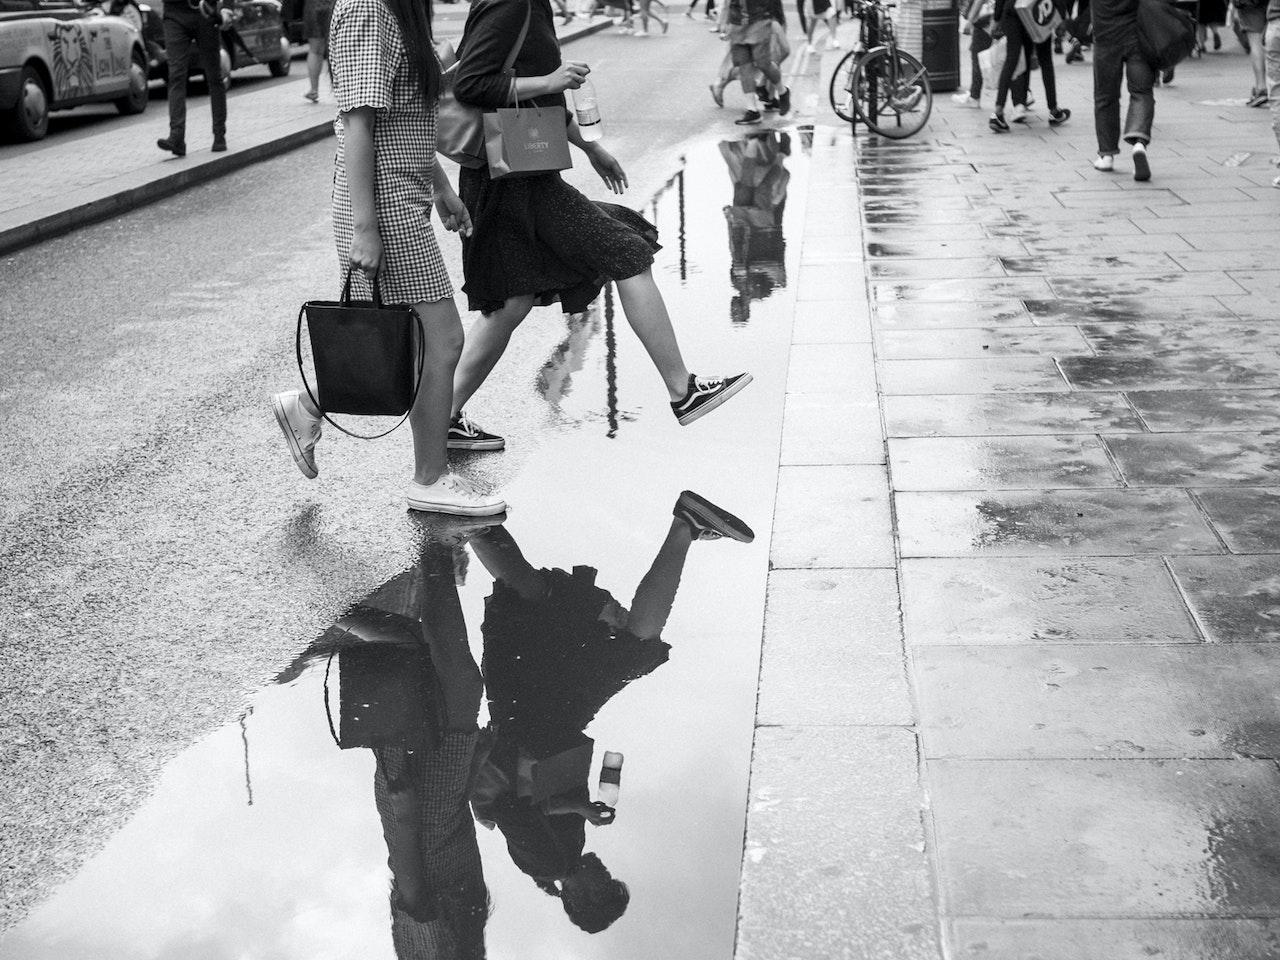 women-crossing-street-small